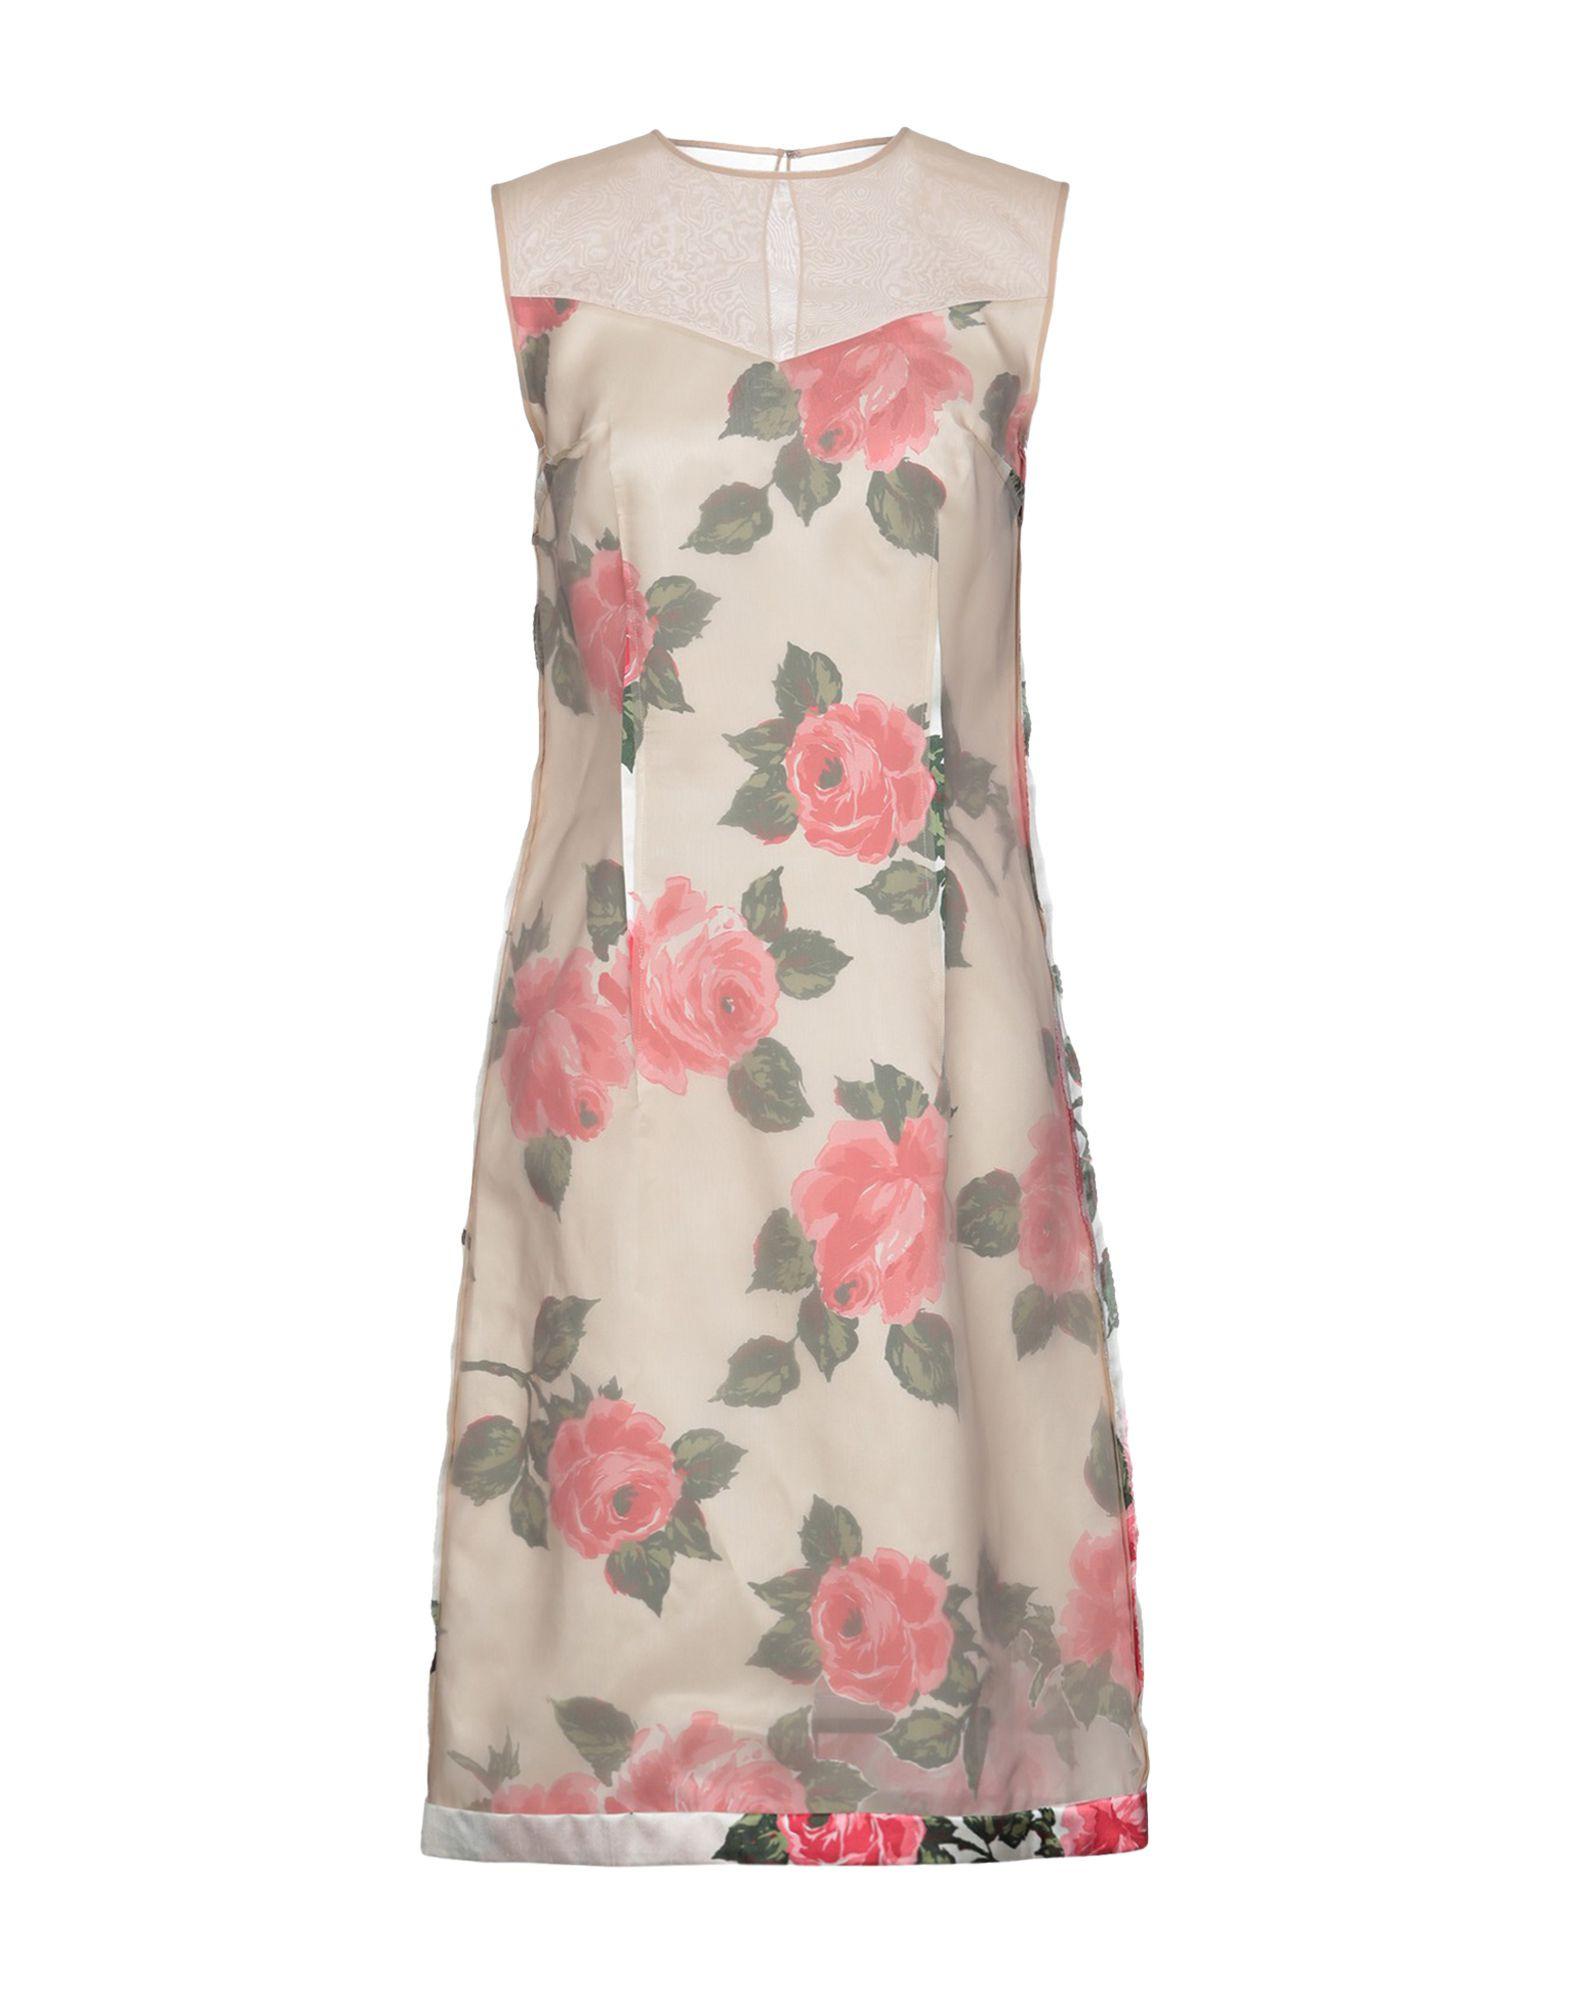 10 Einfach Abendkleid Yoox Galerie20 Ausgezeichnet Abendkleid Yoox Ärmel